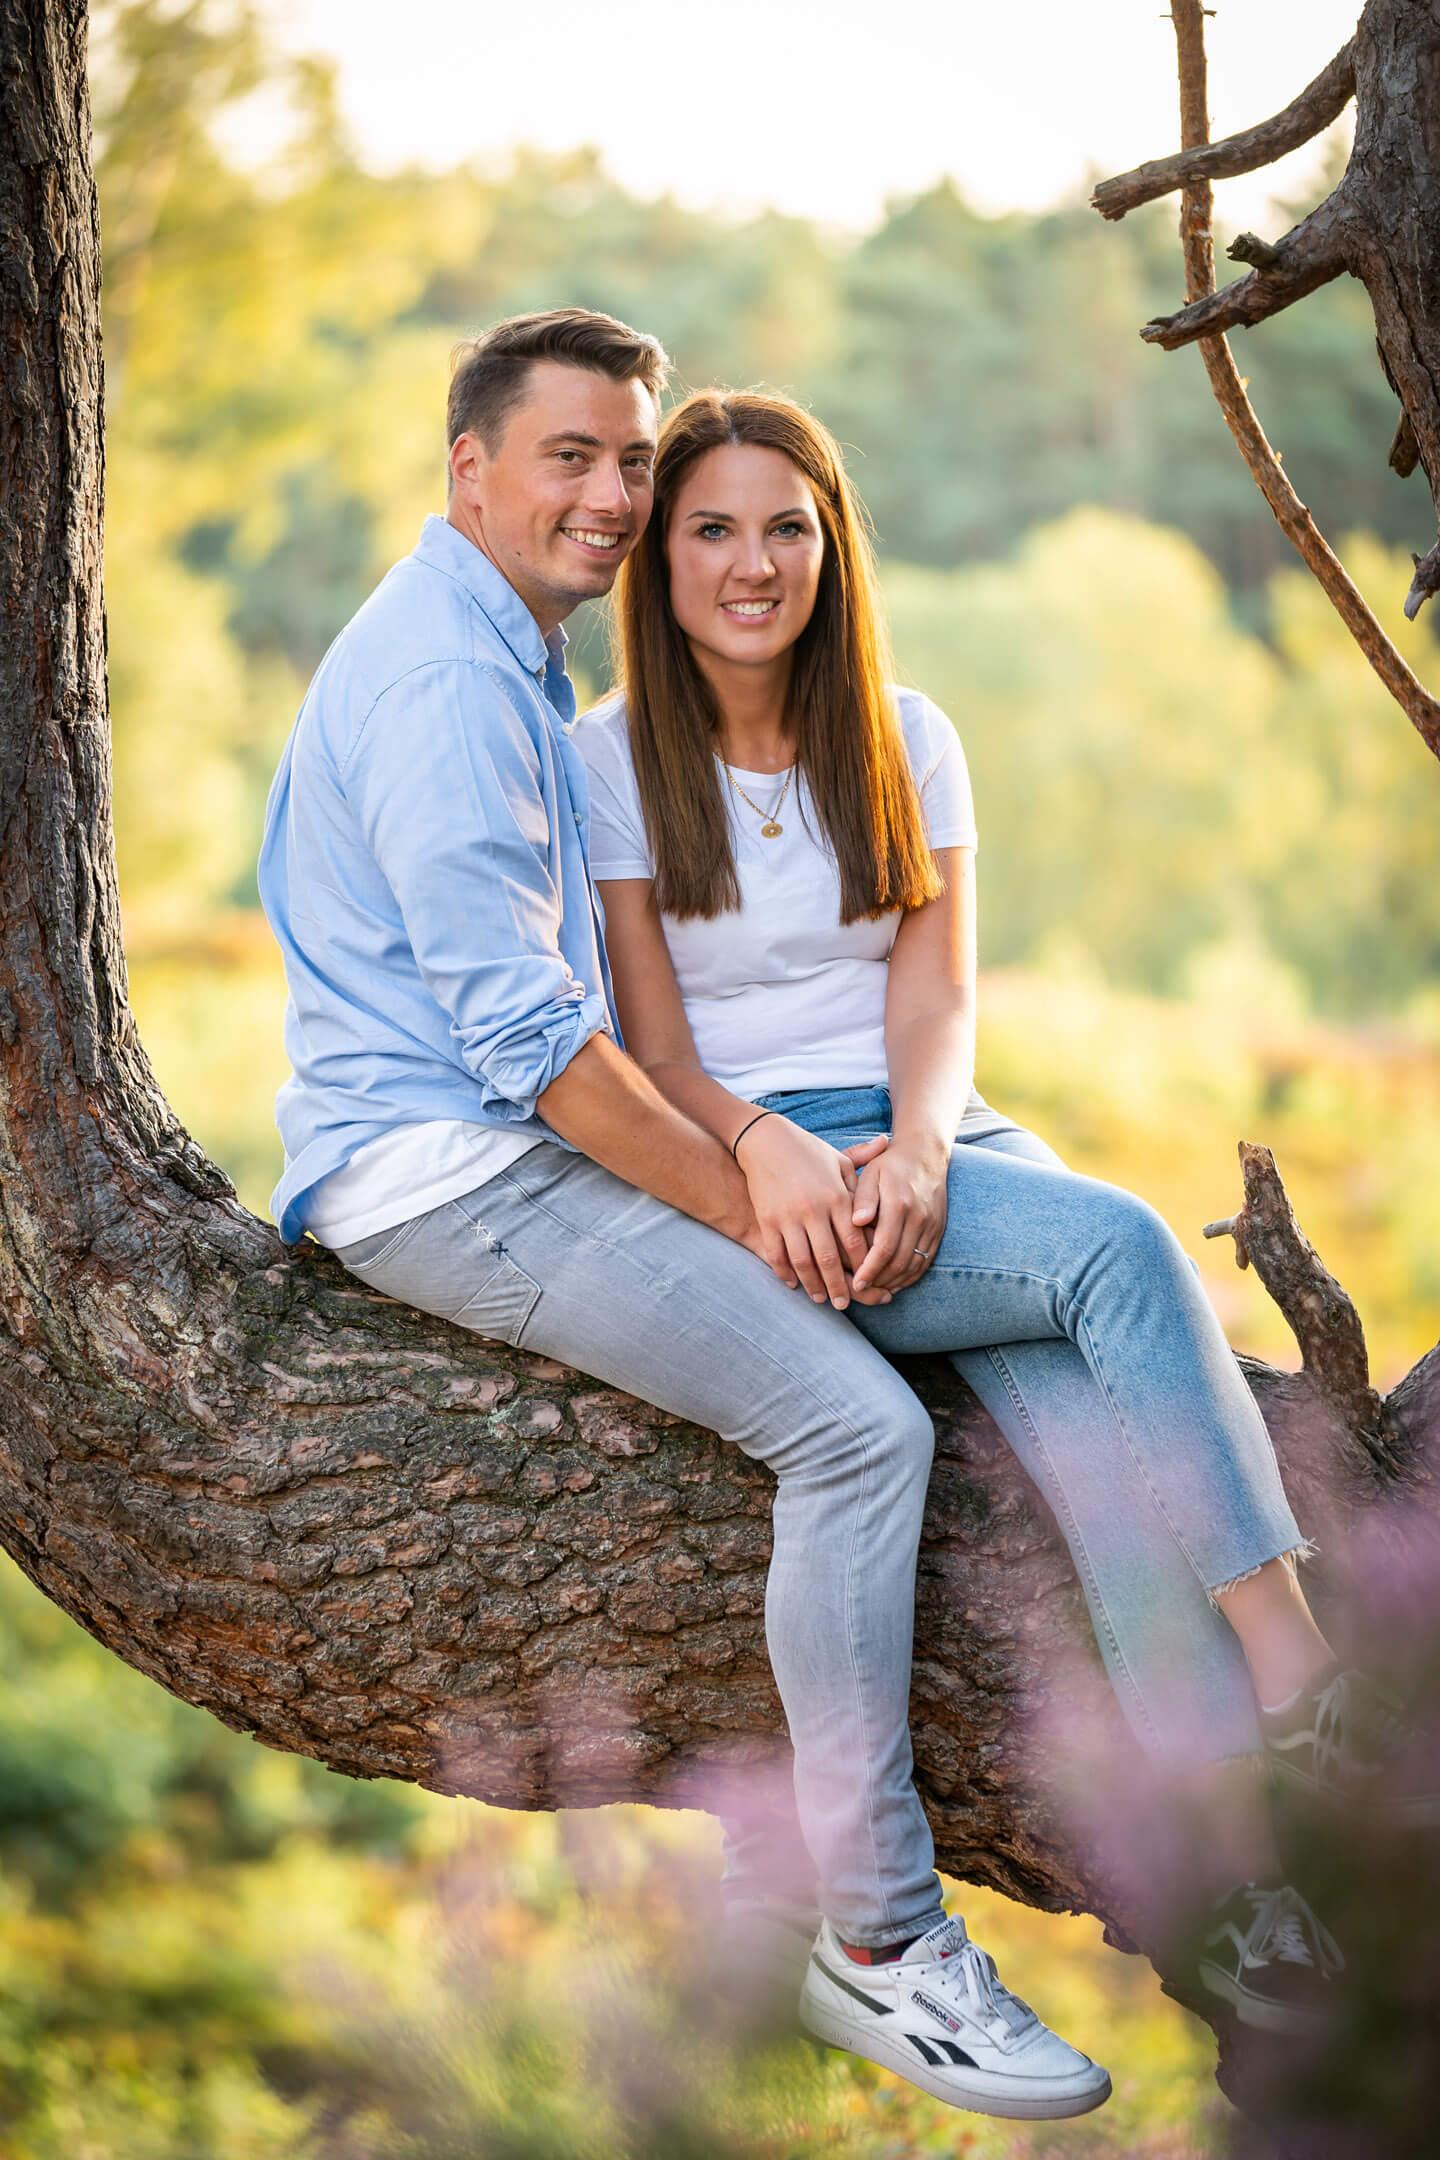 Paarfoto während eines Engagement-Shootings mit dem Hamburger Fotograf Florian Läufer